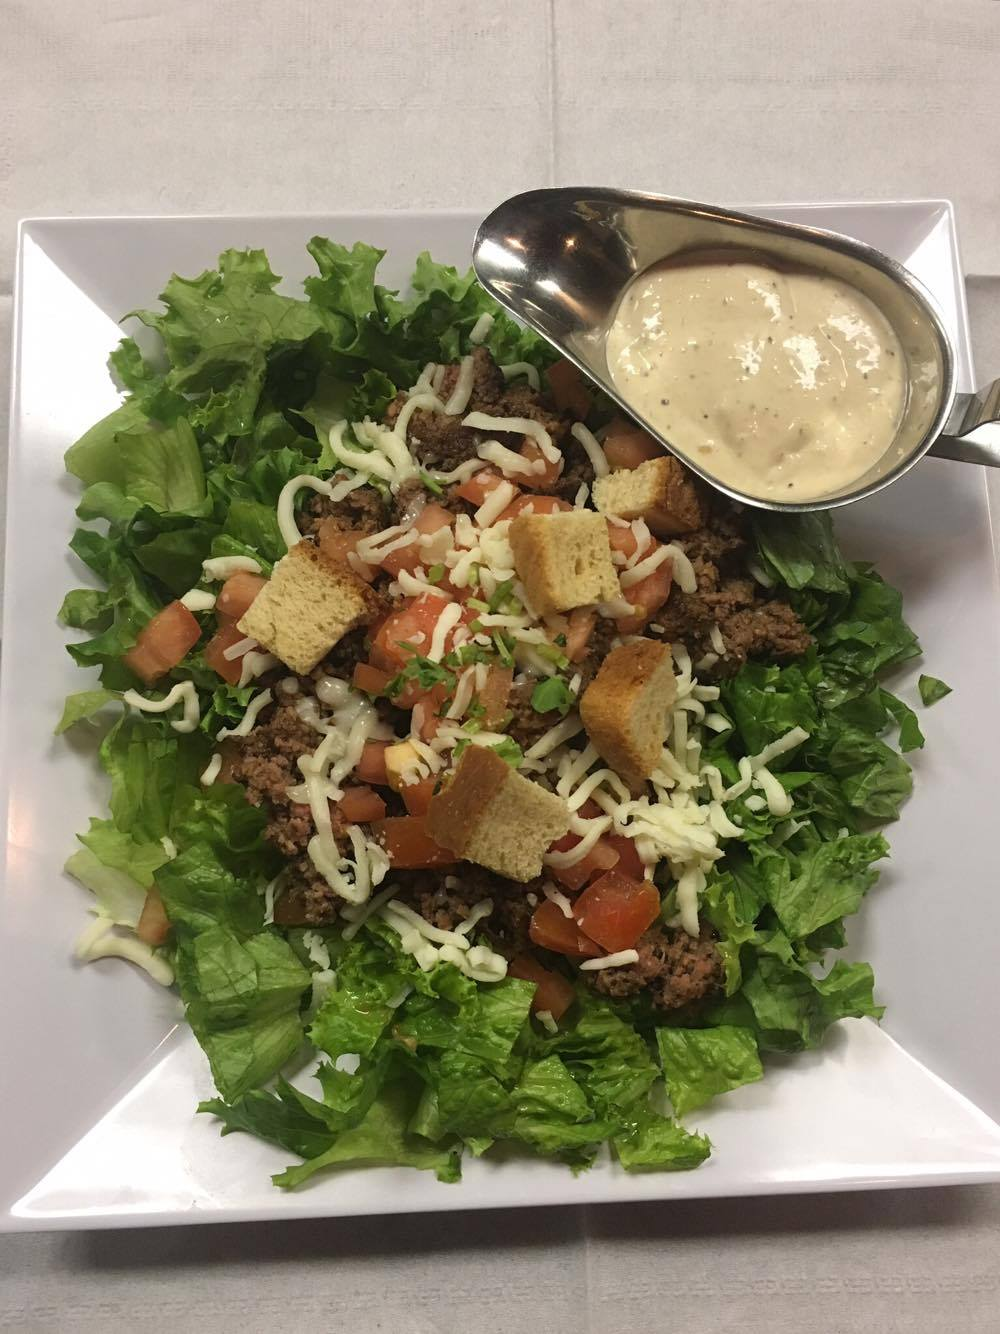 CheeseBurger Salad Image